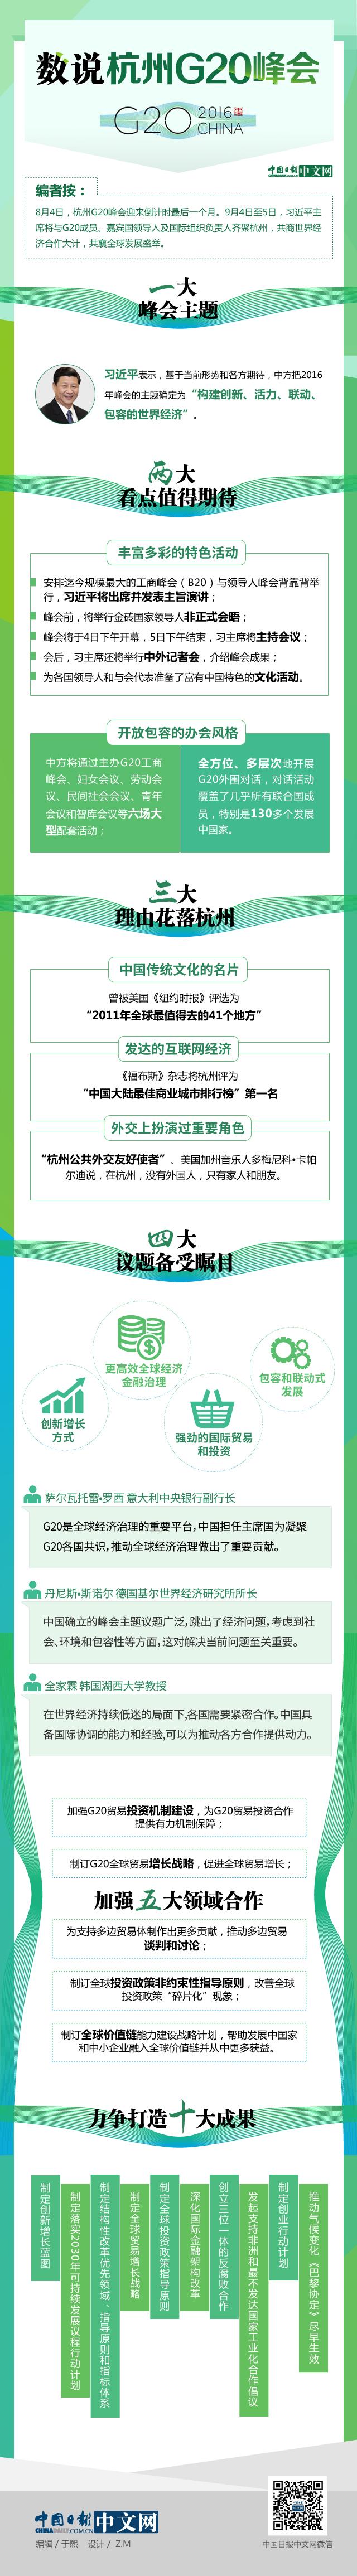 數説杭州G20峰會